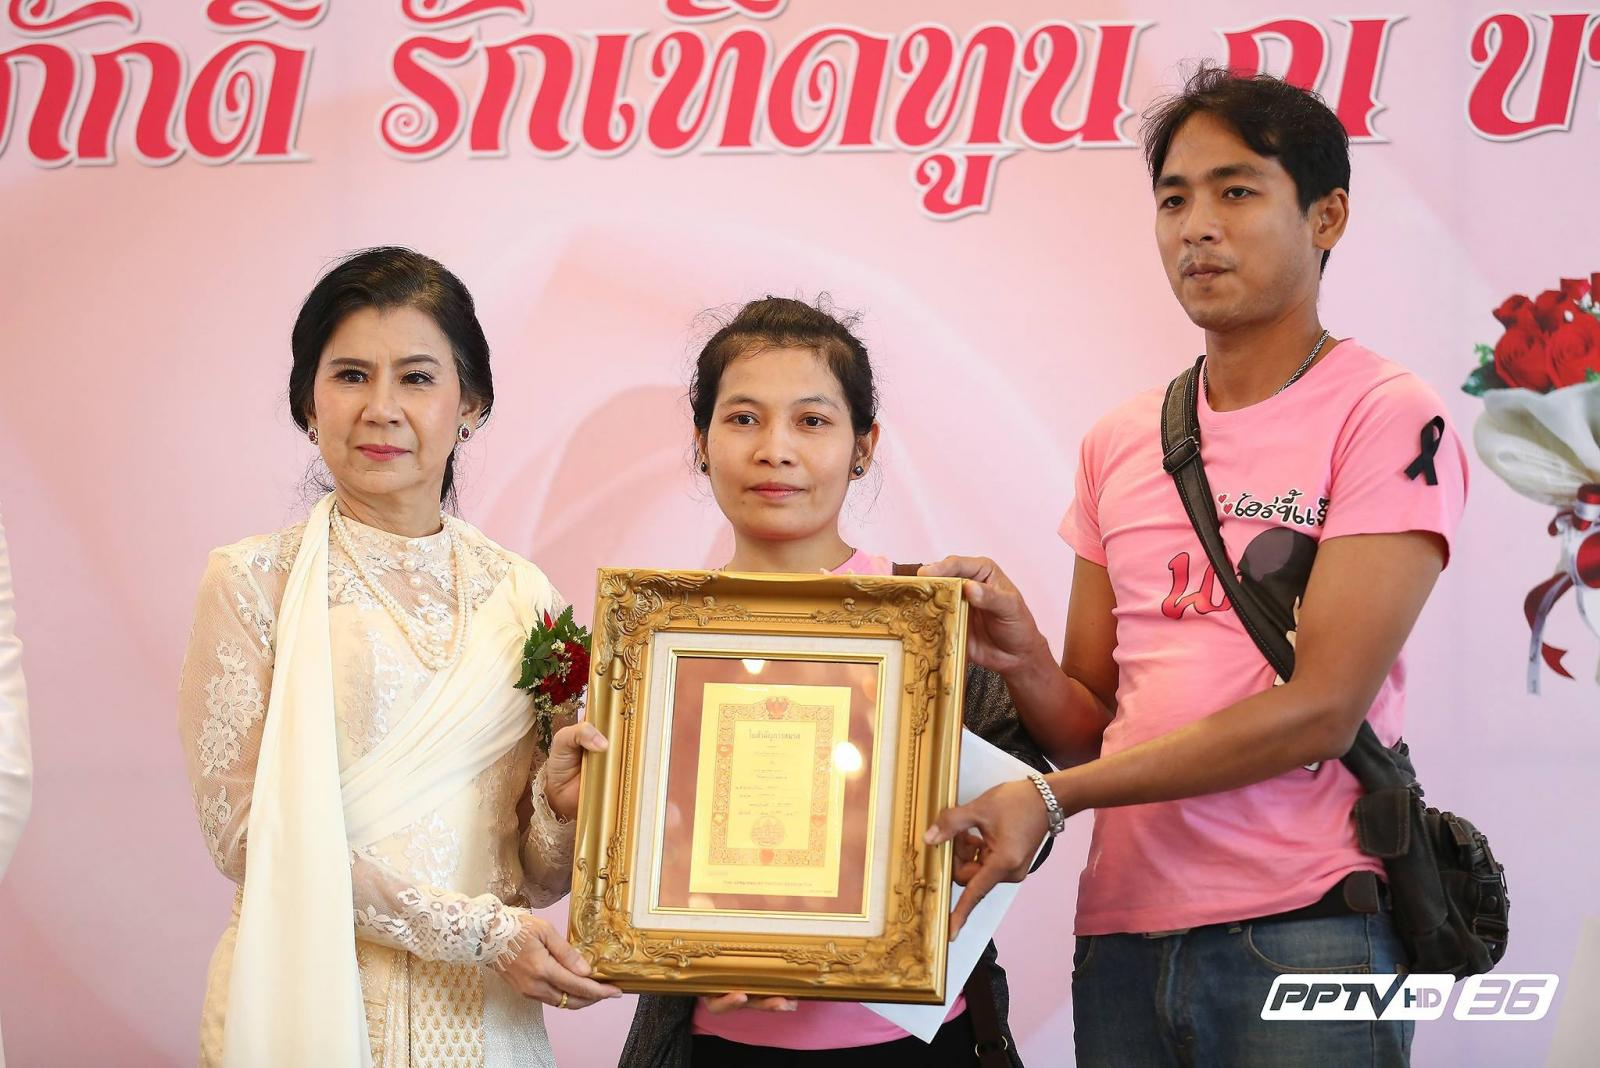 วาเลนไทน์ไทยคึกคัก เหล่าคู่รักจูงมือโชว์หวานทั่วไทย